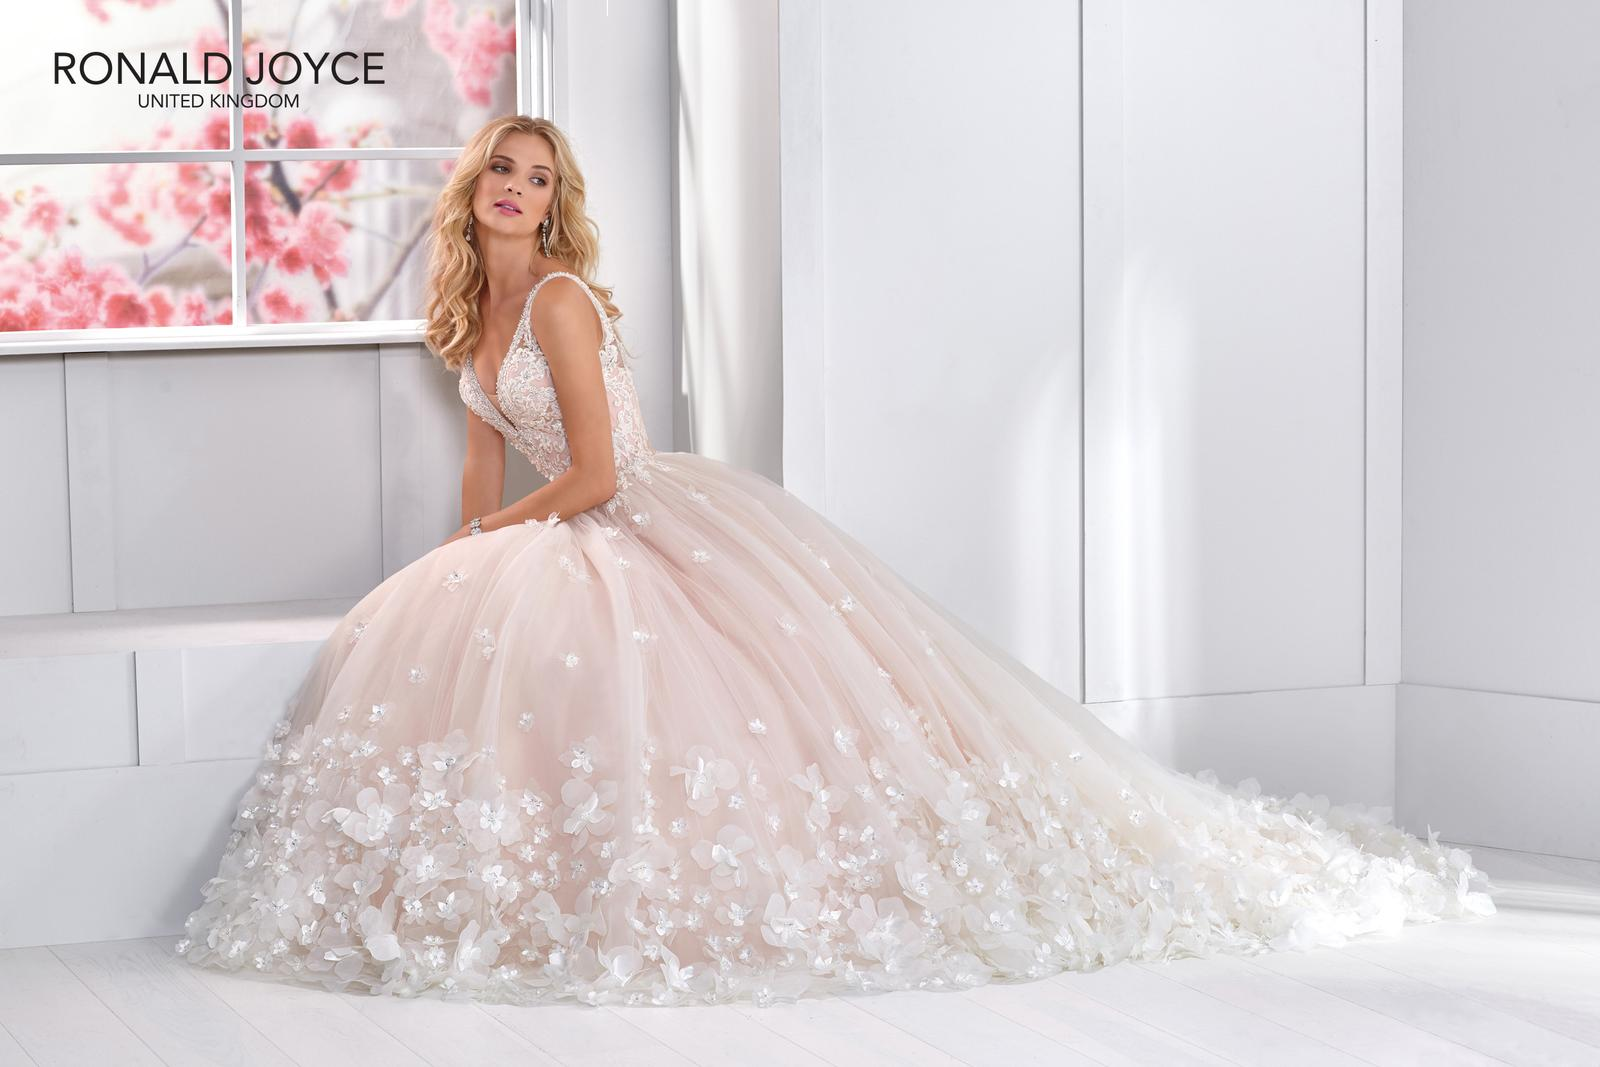 Romantická, elegantní, rebelka anebo bohémka? Jaký typ nevěsty jste vy? - Obrázek č. 1